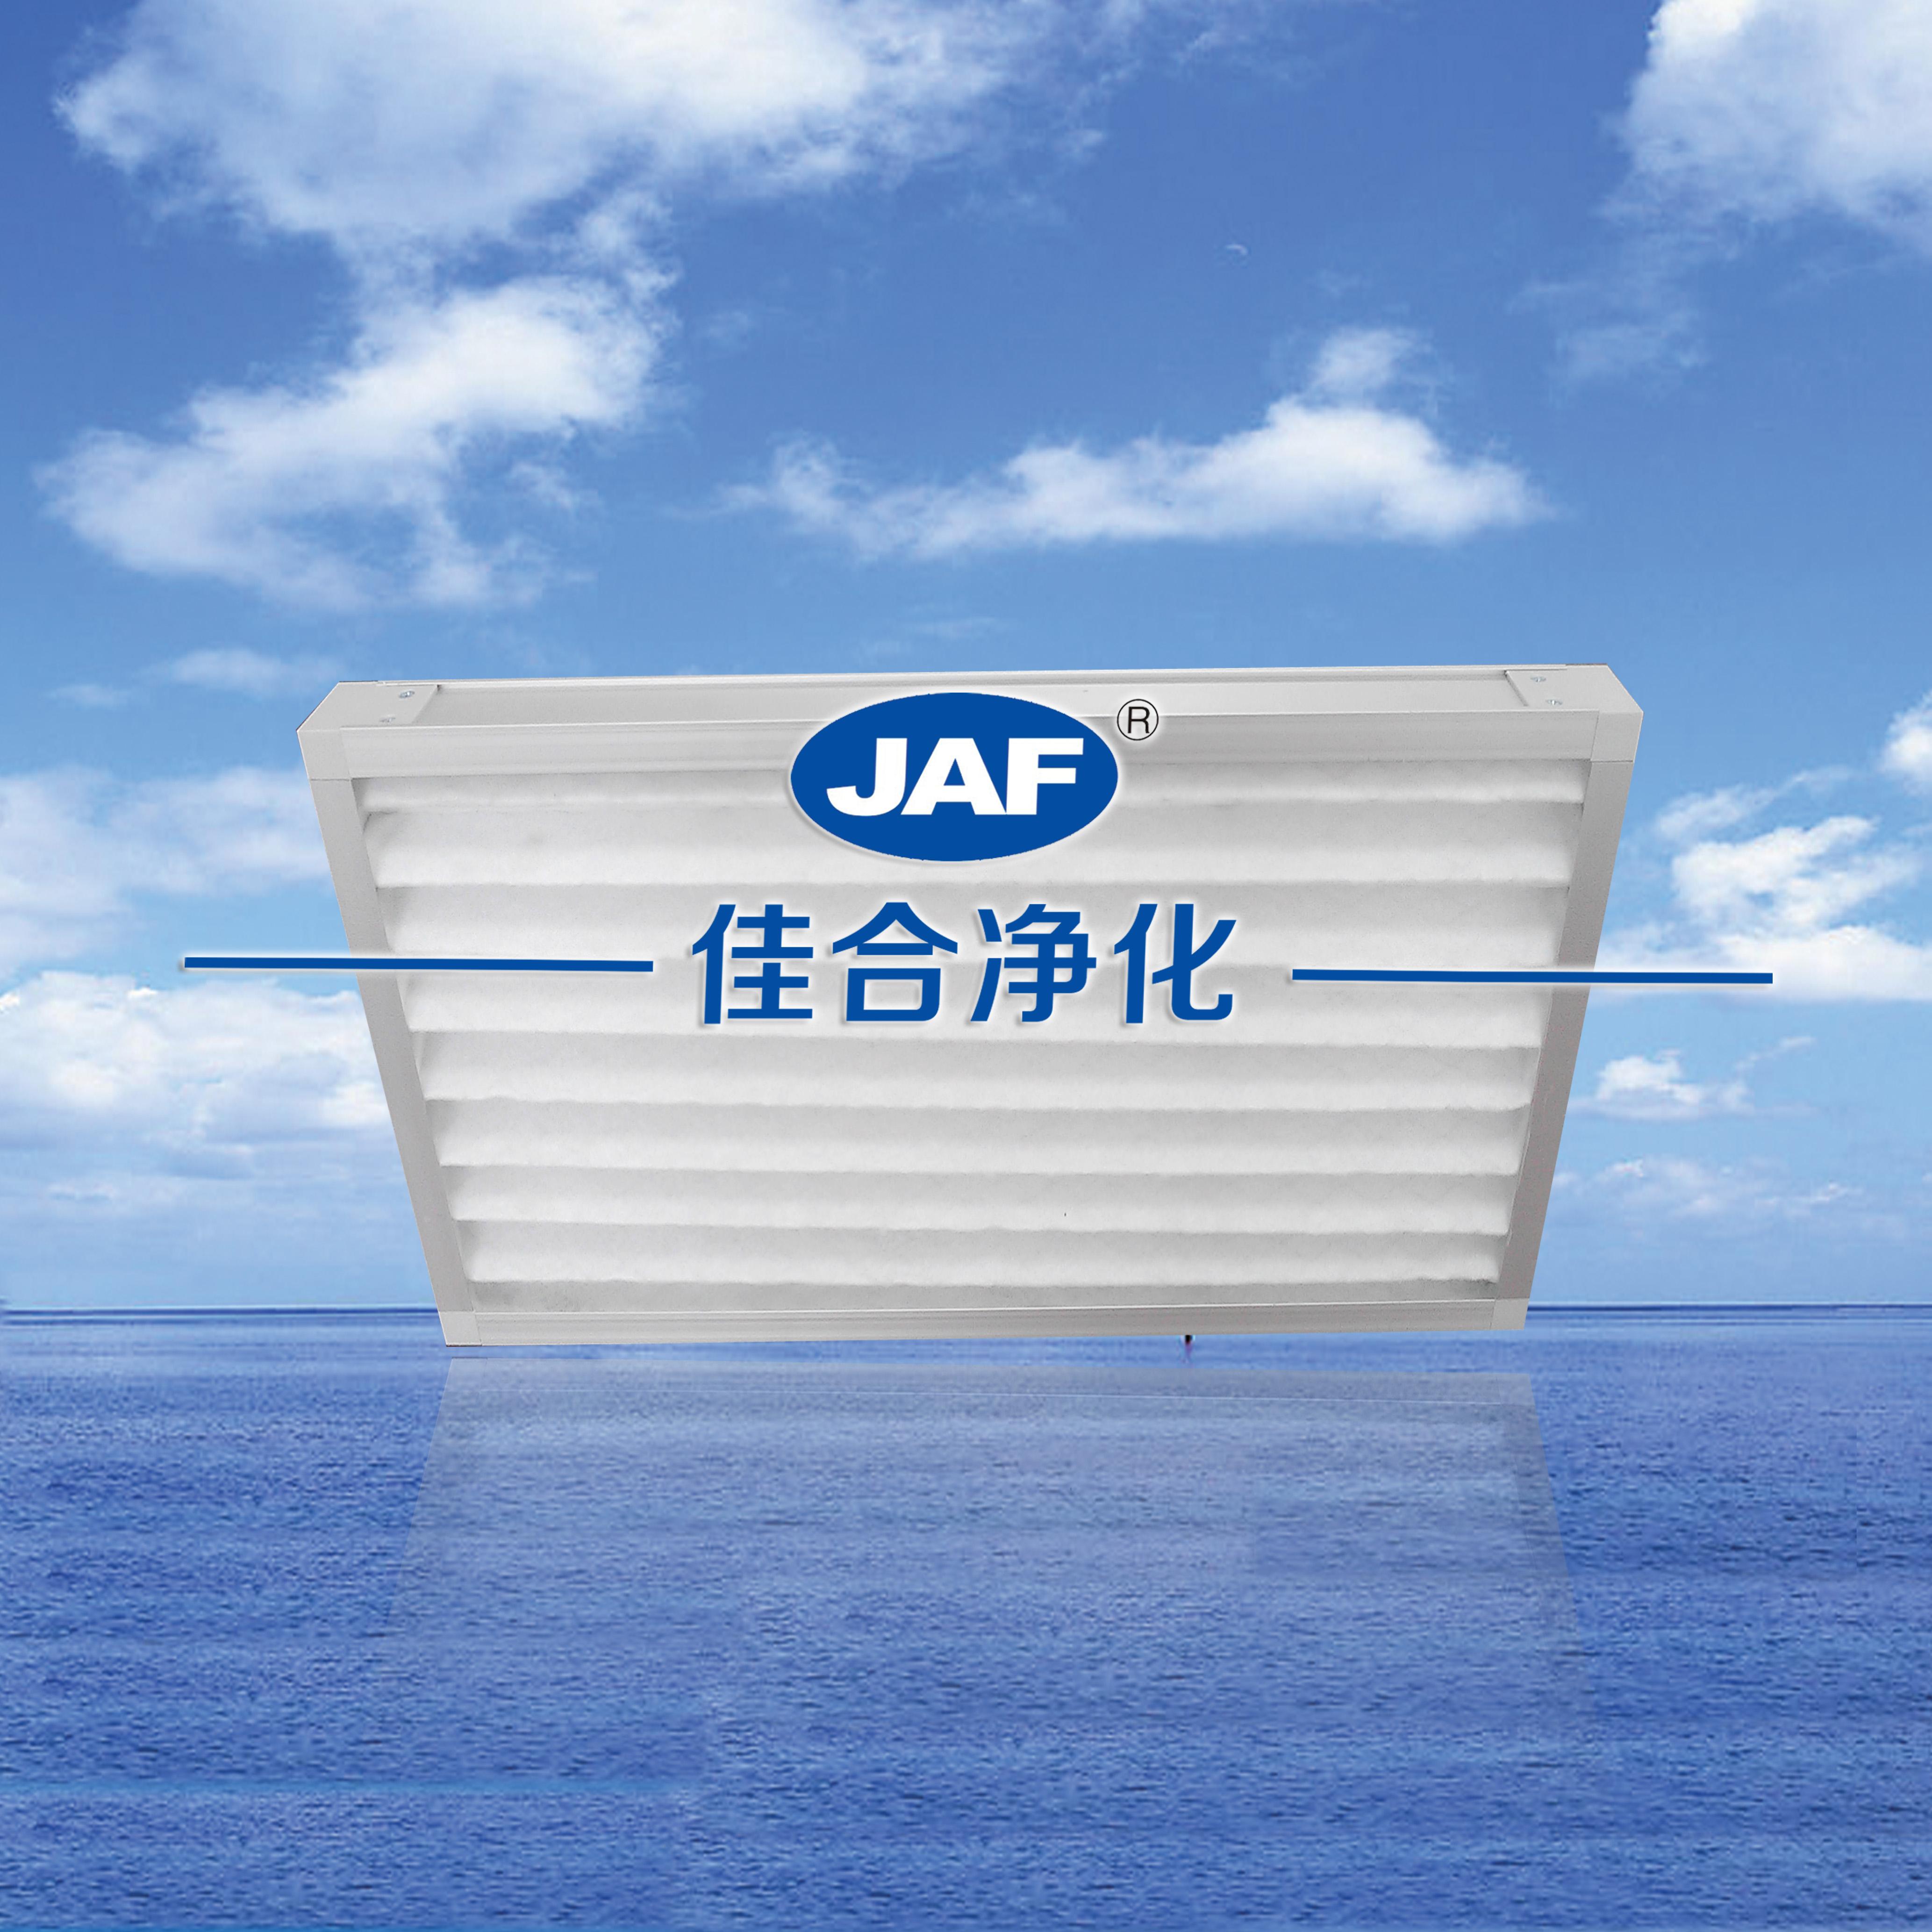 热烈祝贺我司和重庆科技有限公司签订购买合同